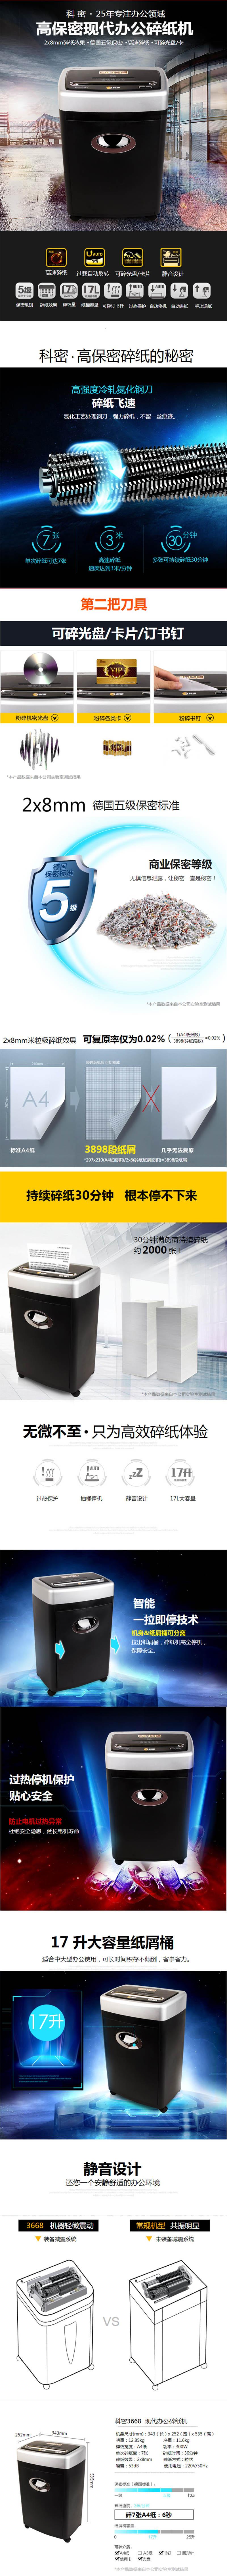 科密3668高保密长时间碎纸机办公家用 小颗粒文件粉碎机